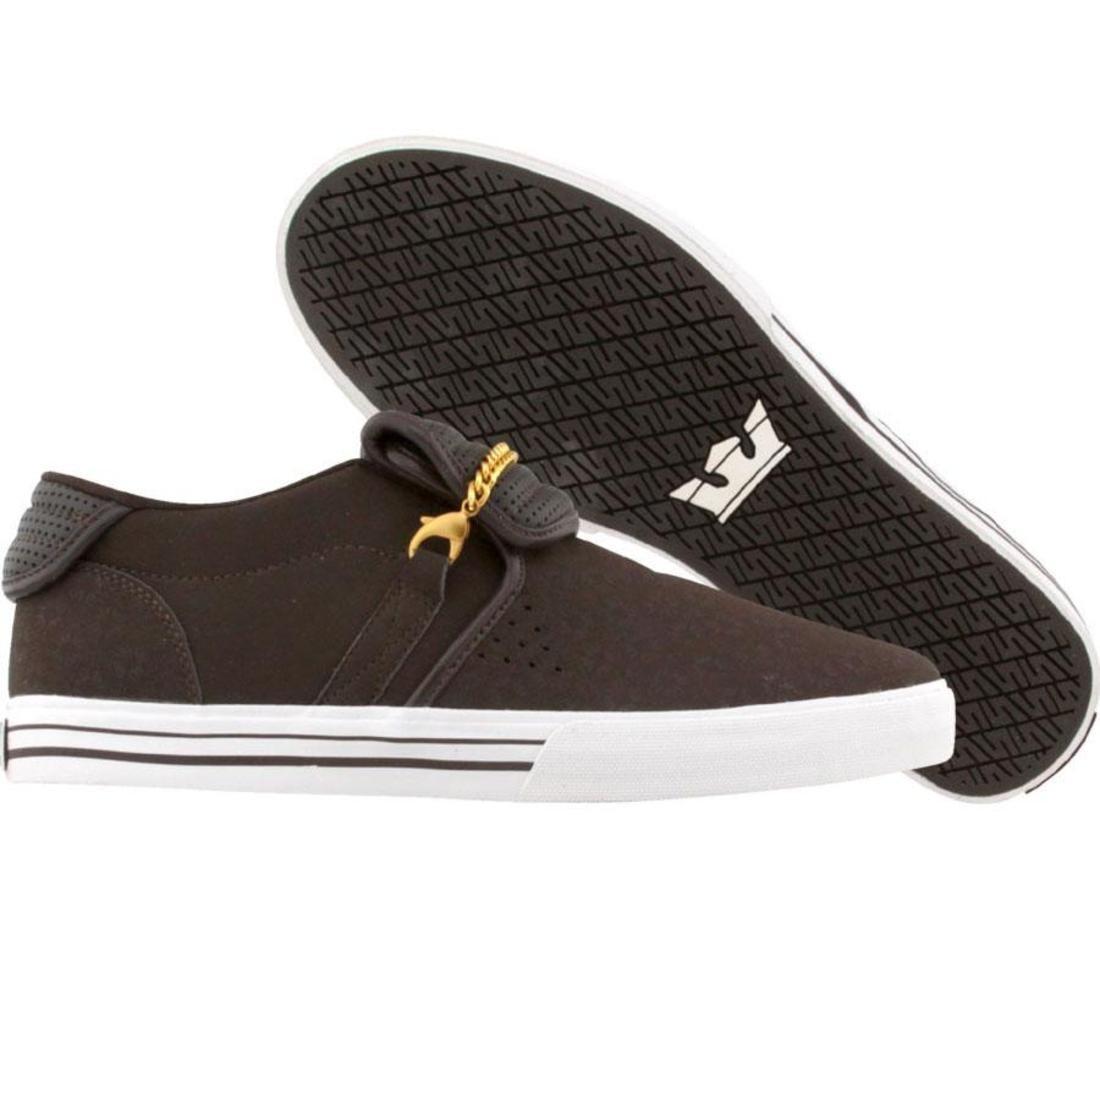 【海外限定】スープラ キューバン スニーカー メンズ靴 【 SUPRA CUBAN BROWN 】